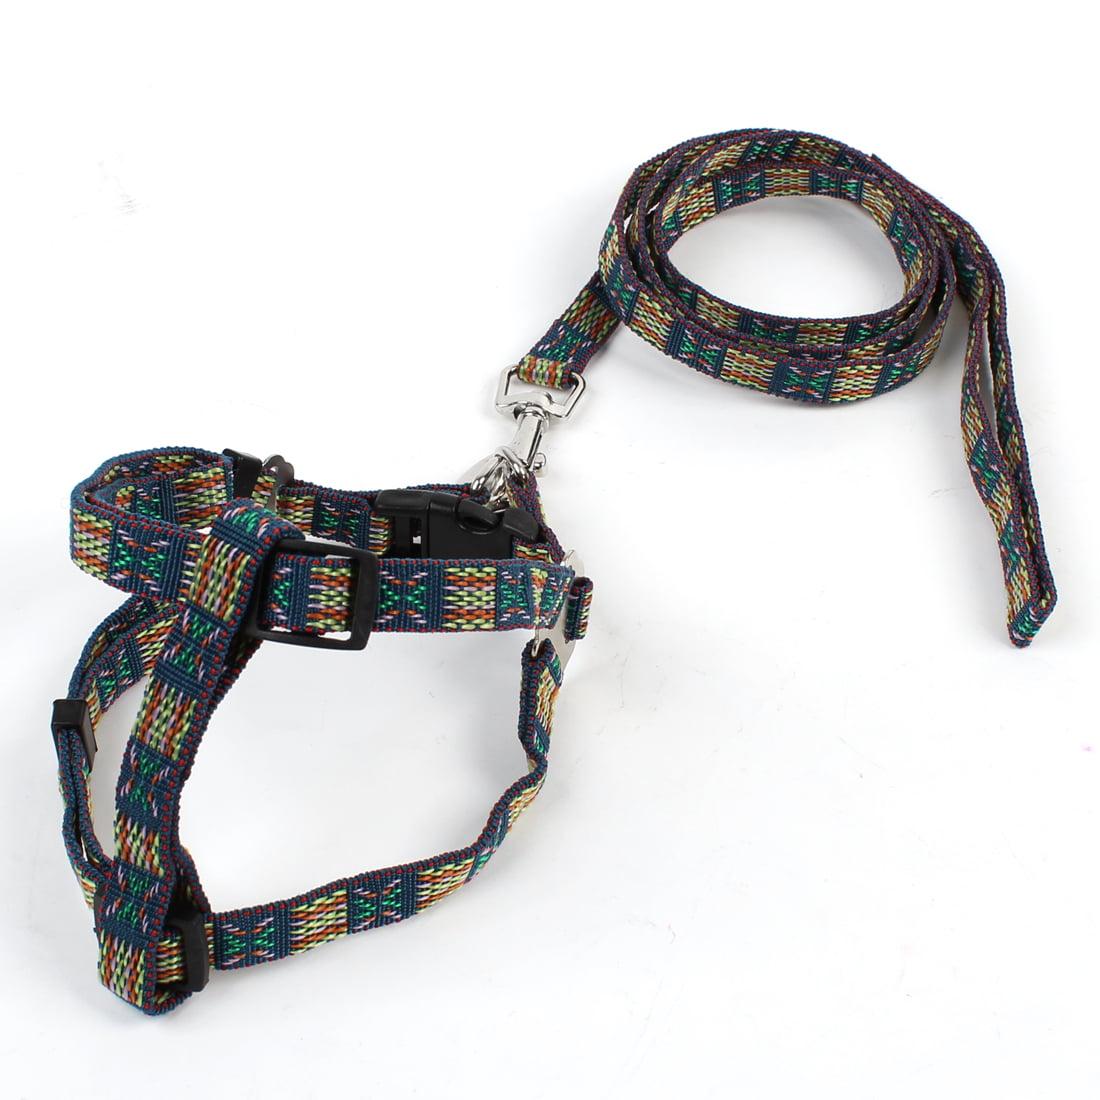 Unique Bargains Silver Tone Metal Hook Multicolor Adjustable Pet Puppy Dog Harness Vest Set Size S w Leash